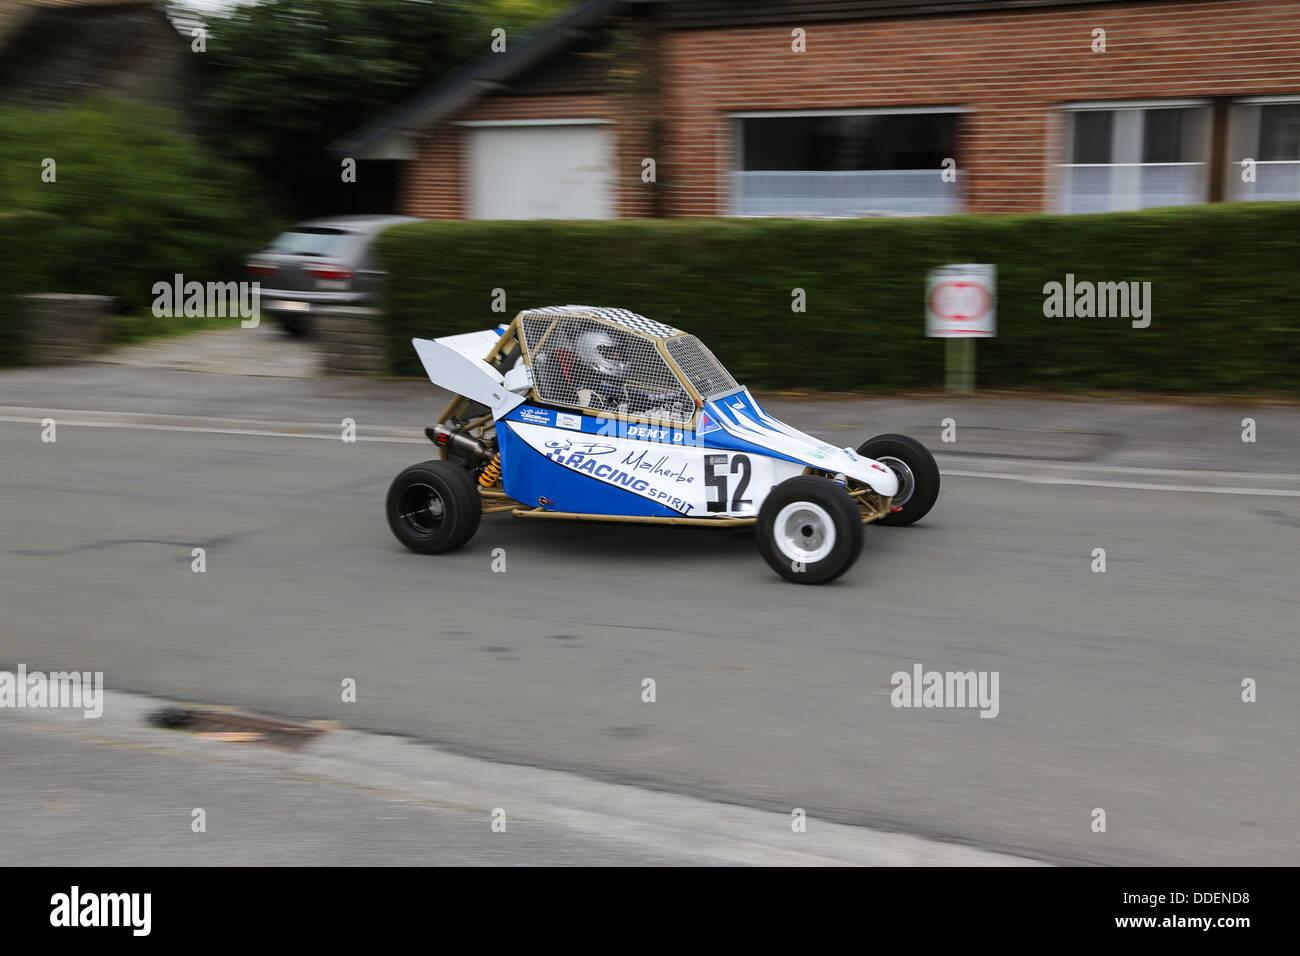 Racing buggy à grande vitesse sur route asphaltée. L'accent sur le buggy, panoramique. Banque D'Images